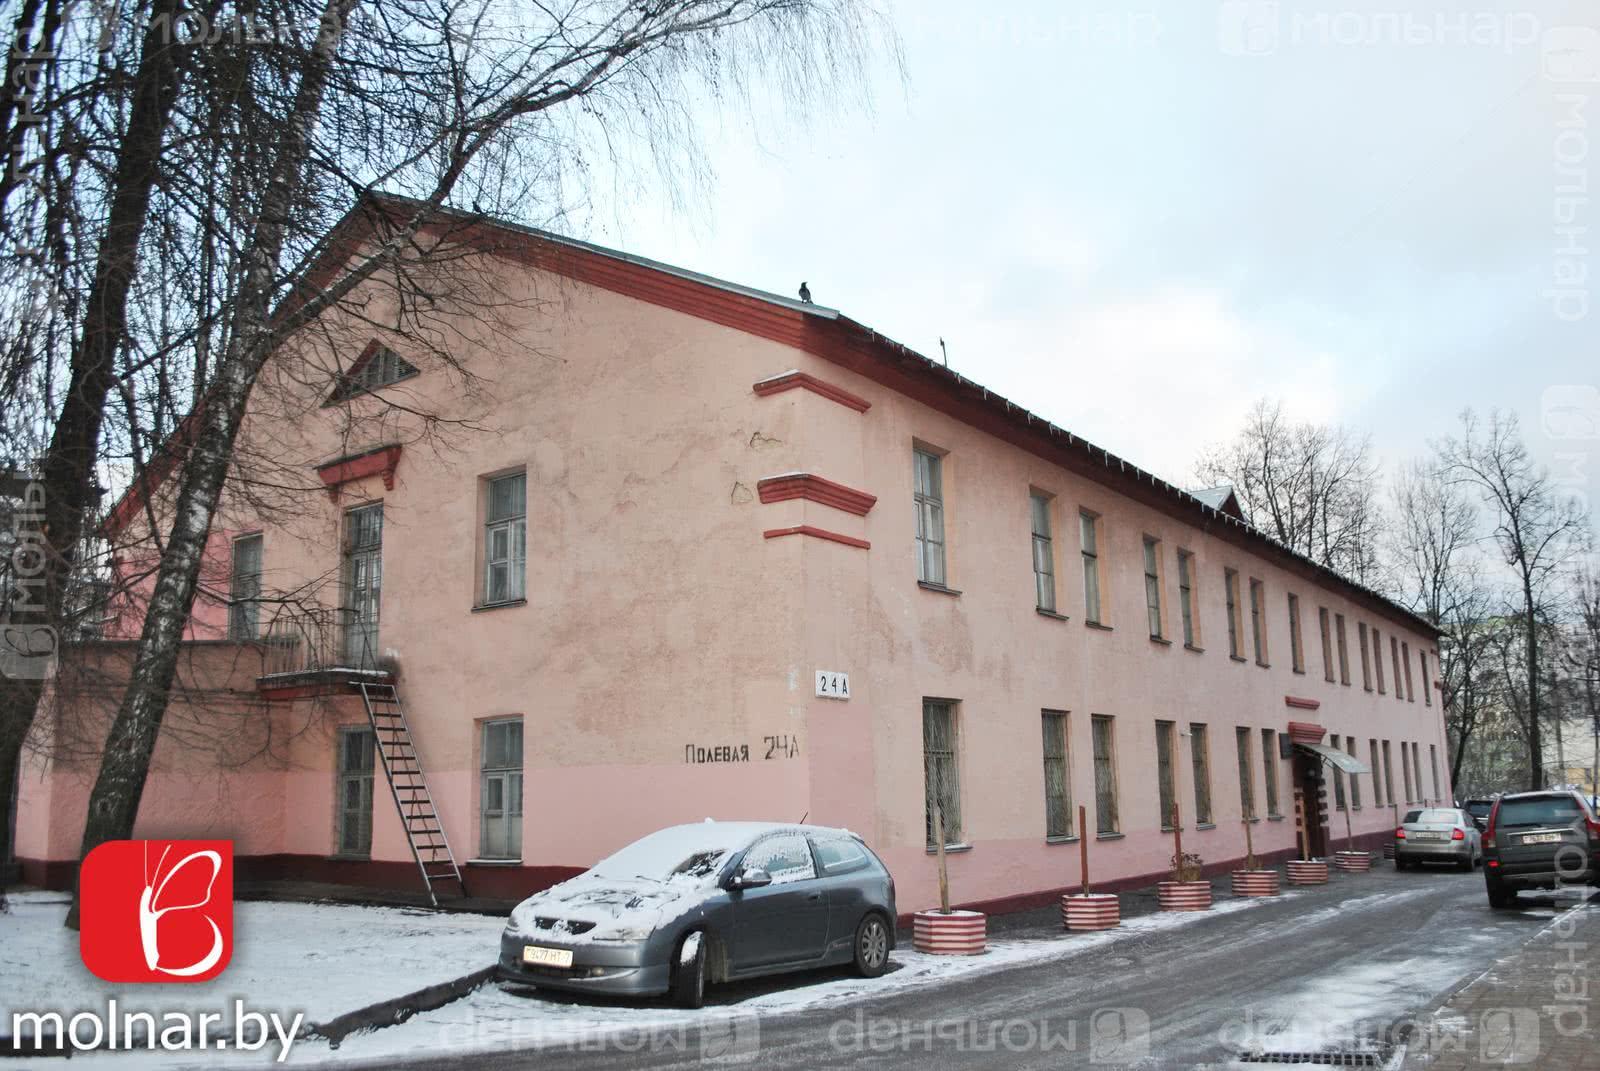 Купить складское помещение на ул. Полевая, д. 24 в Минске - фото 1